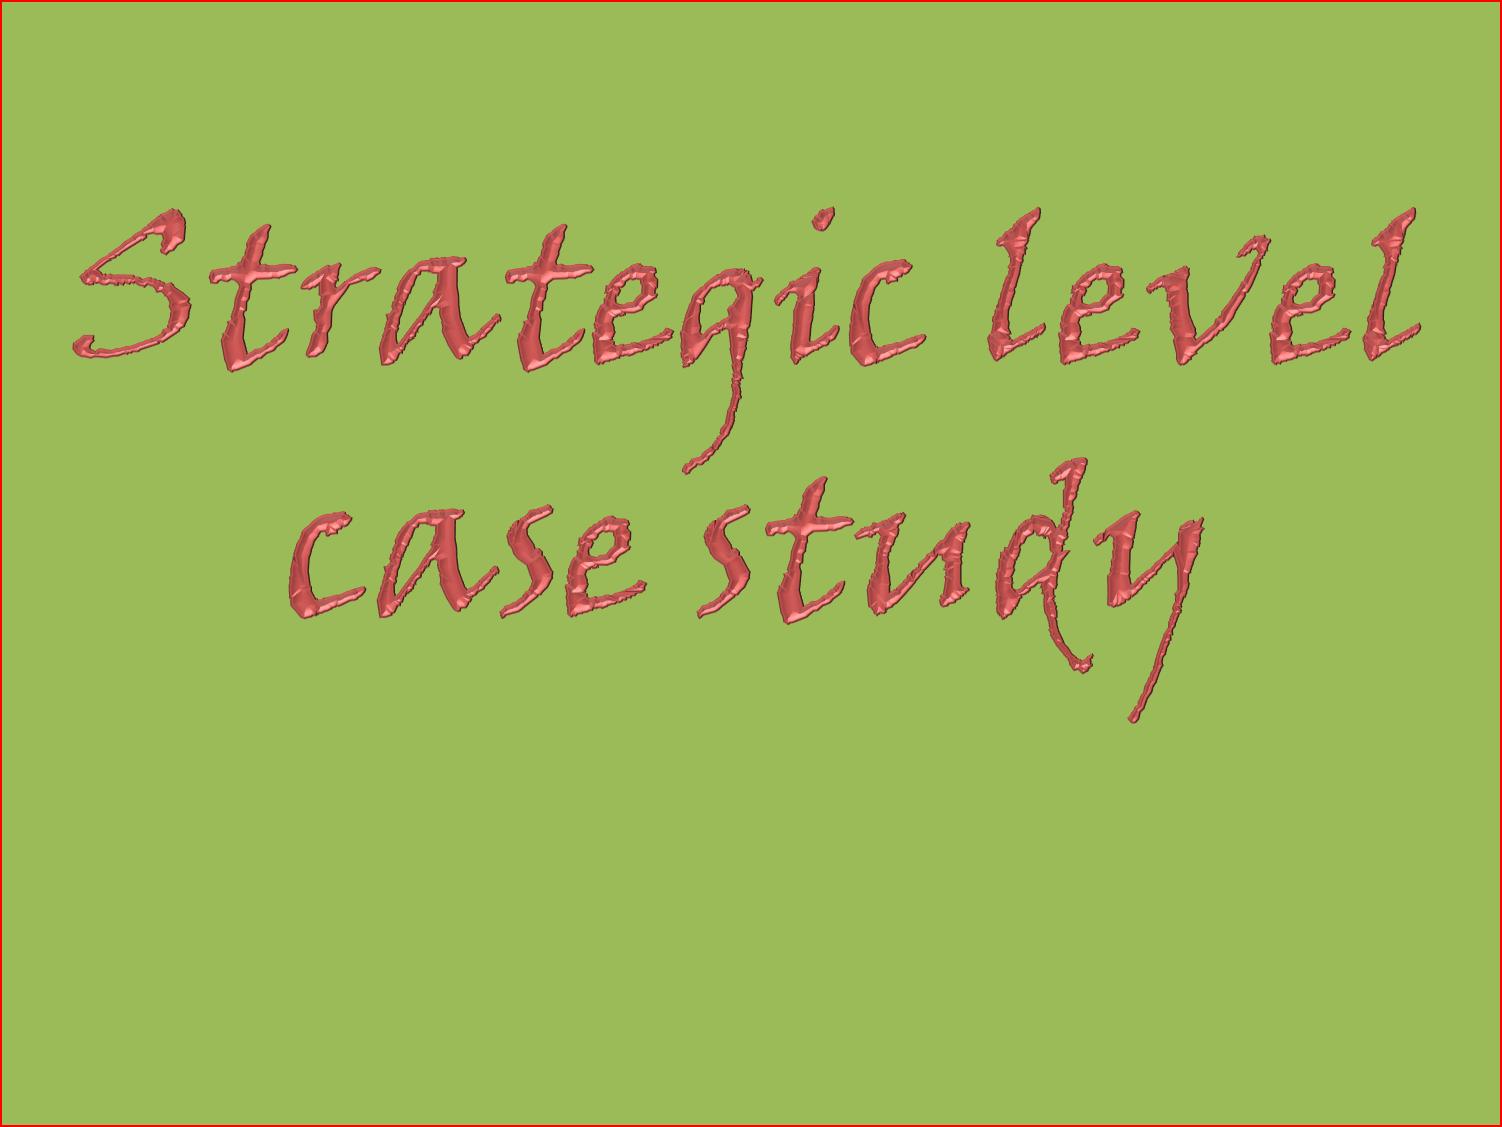 icaew exam resources case study